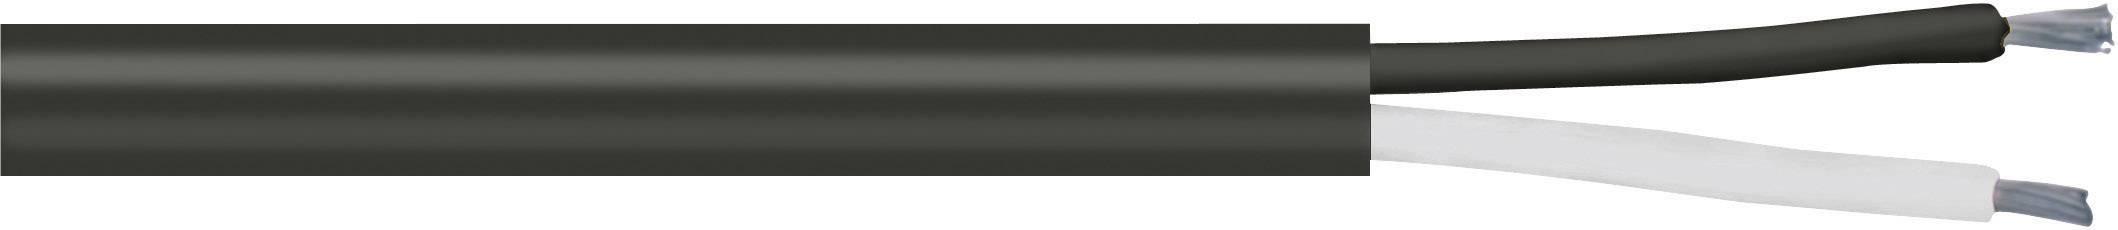 Termočlánkové vedenie LappKabel 0162040, 2 x 0.50 mm², vonkajší Ø 5.50 mm, metrový tovar, zelená, biela